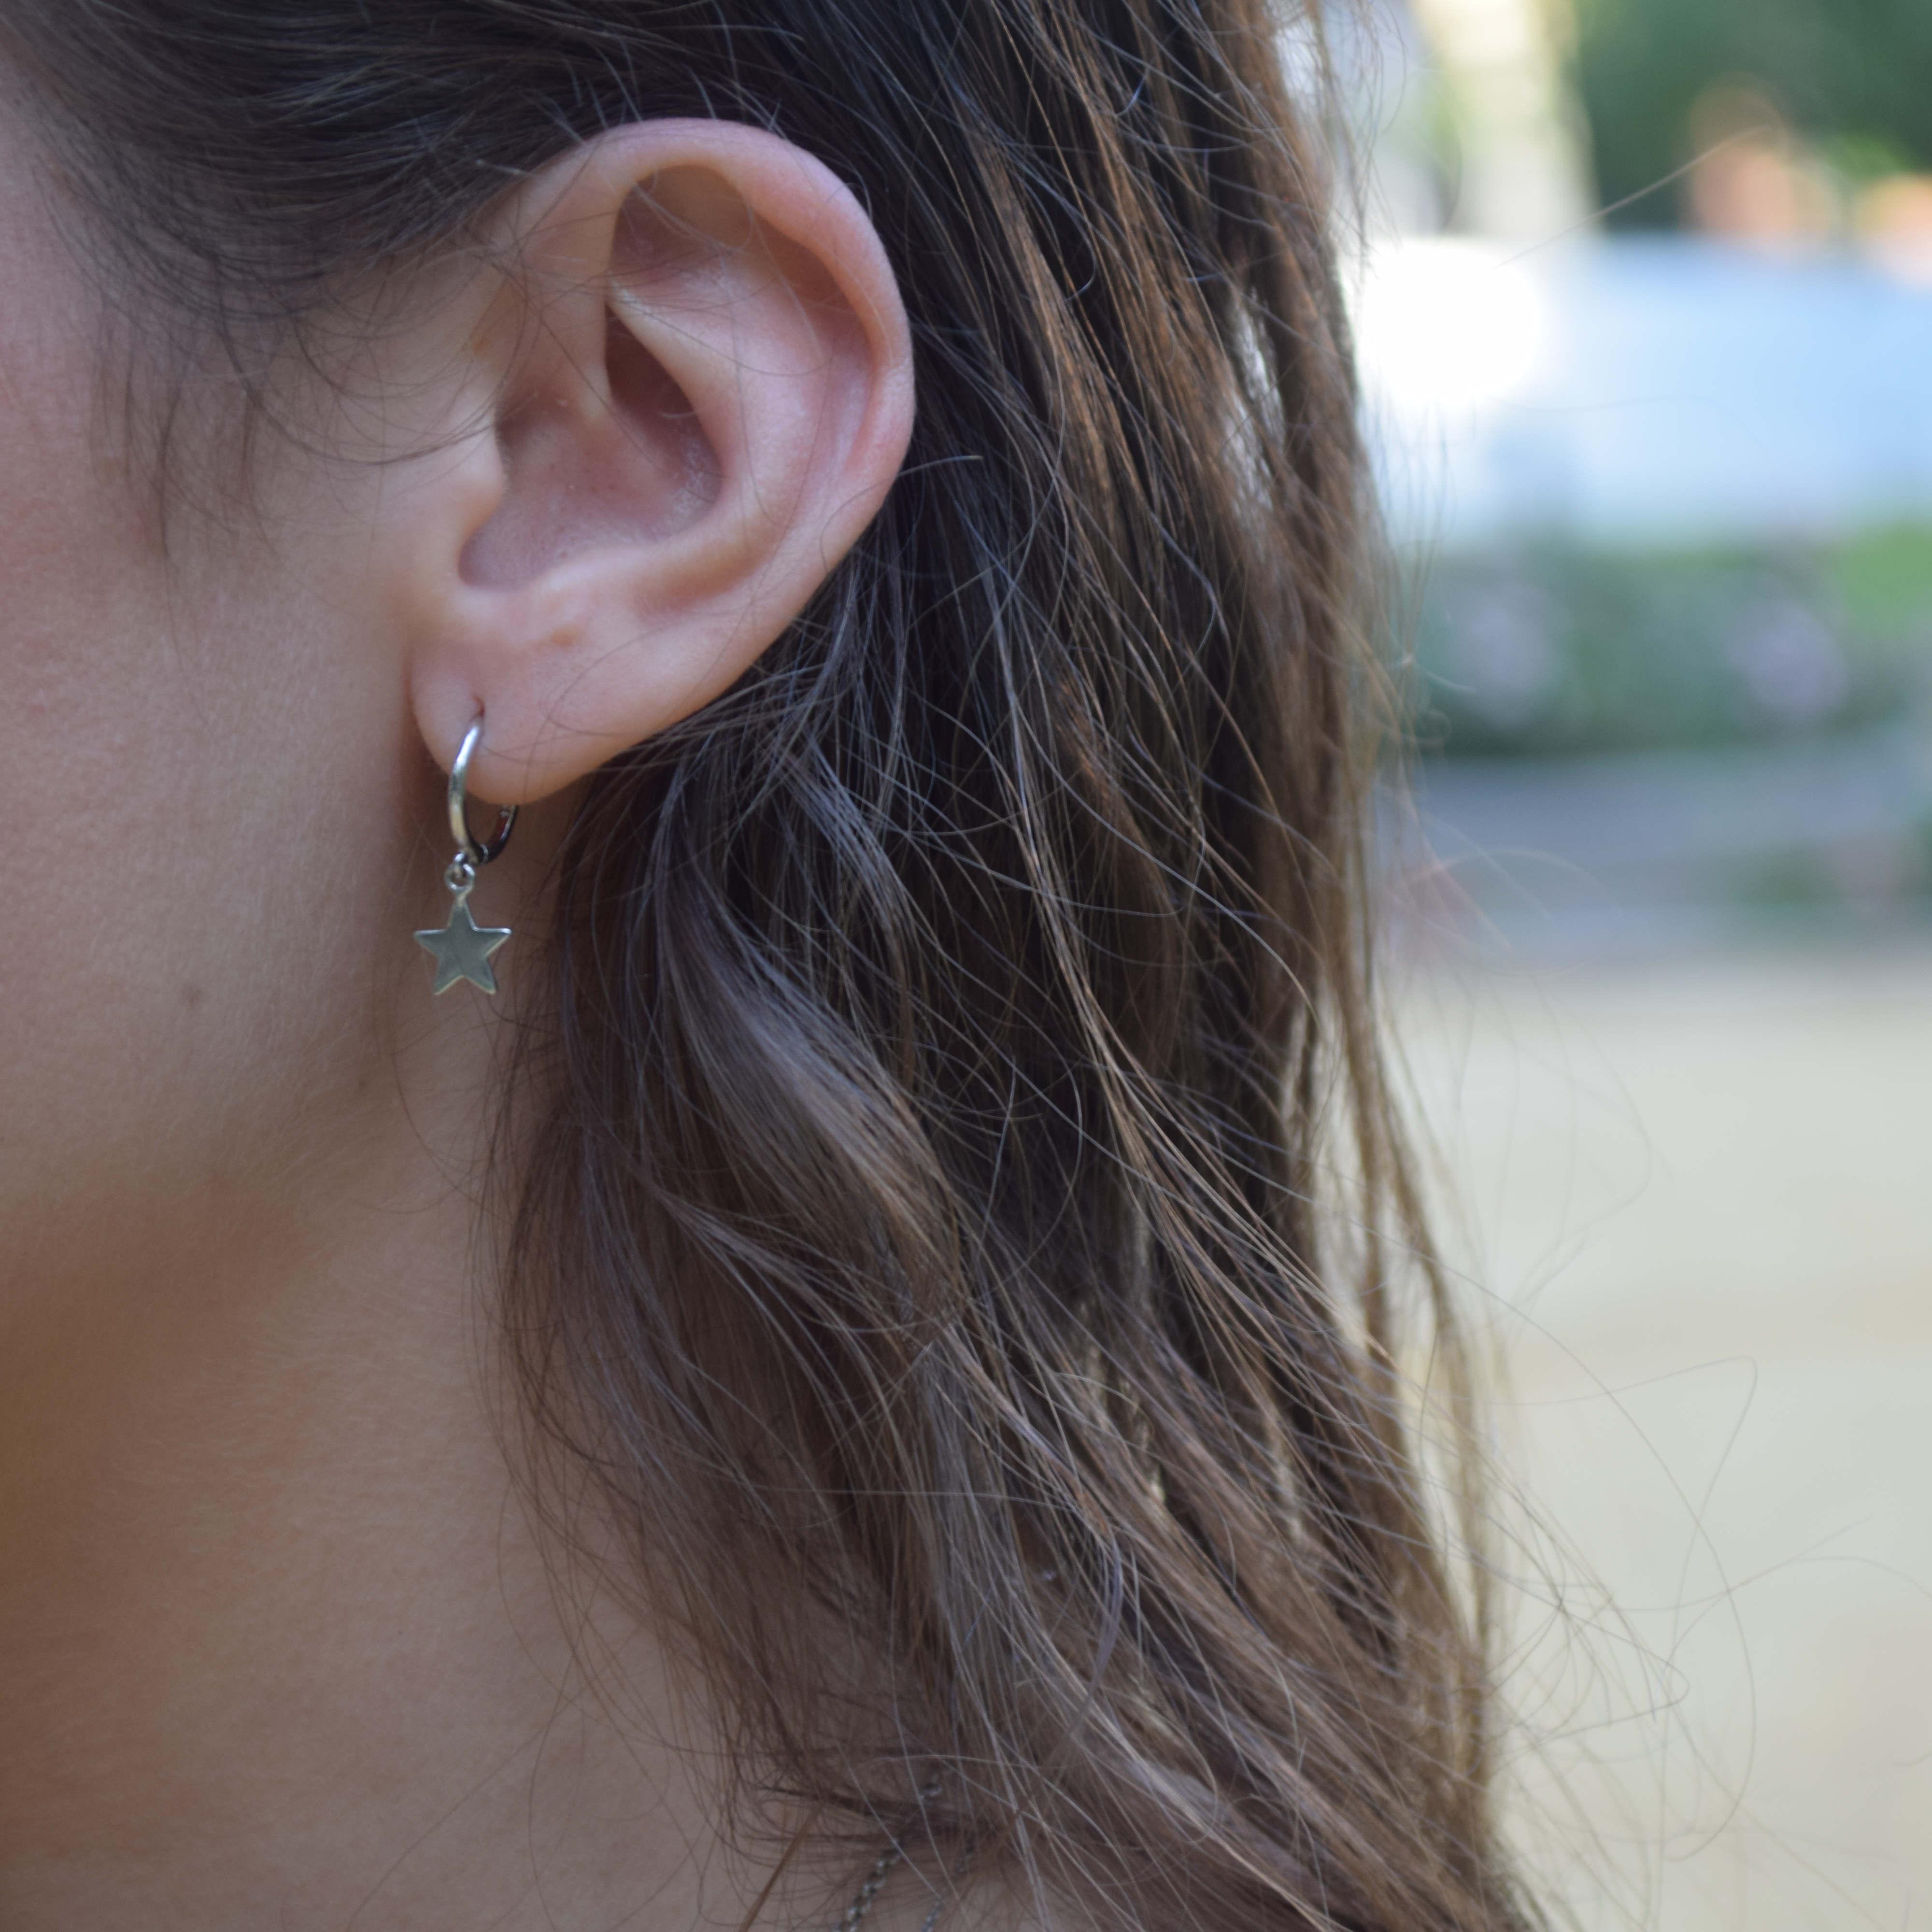 aros estrella plata puestos en oreja